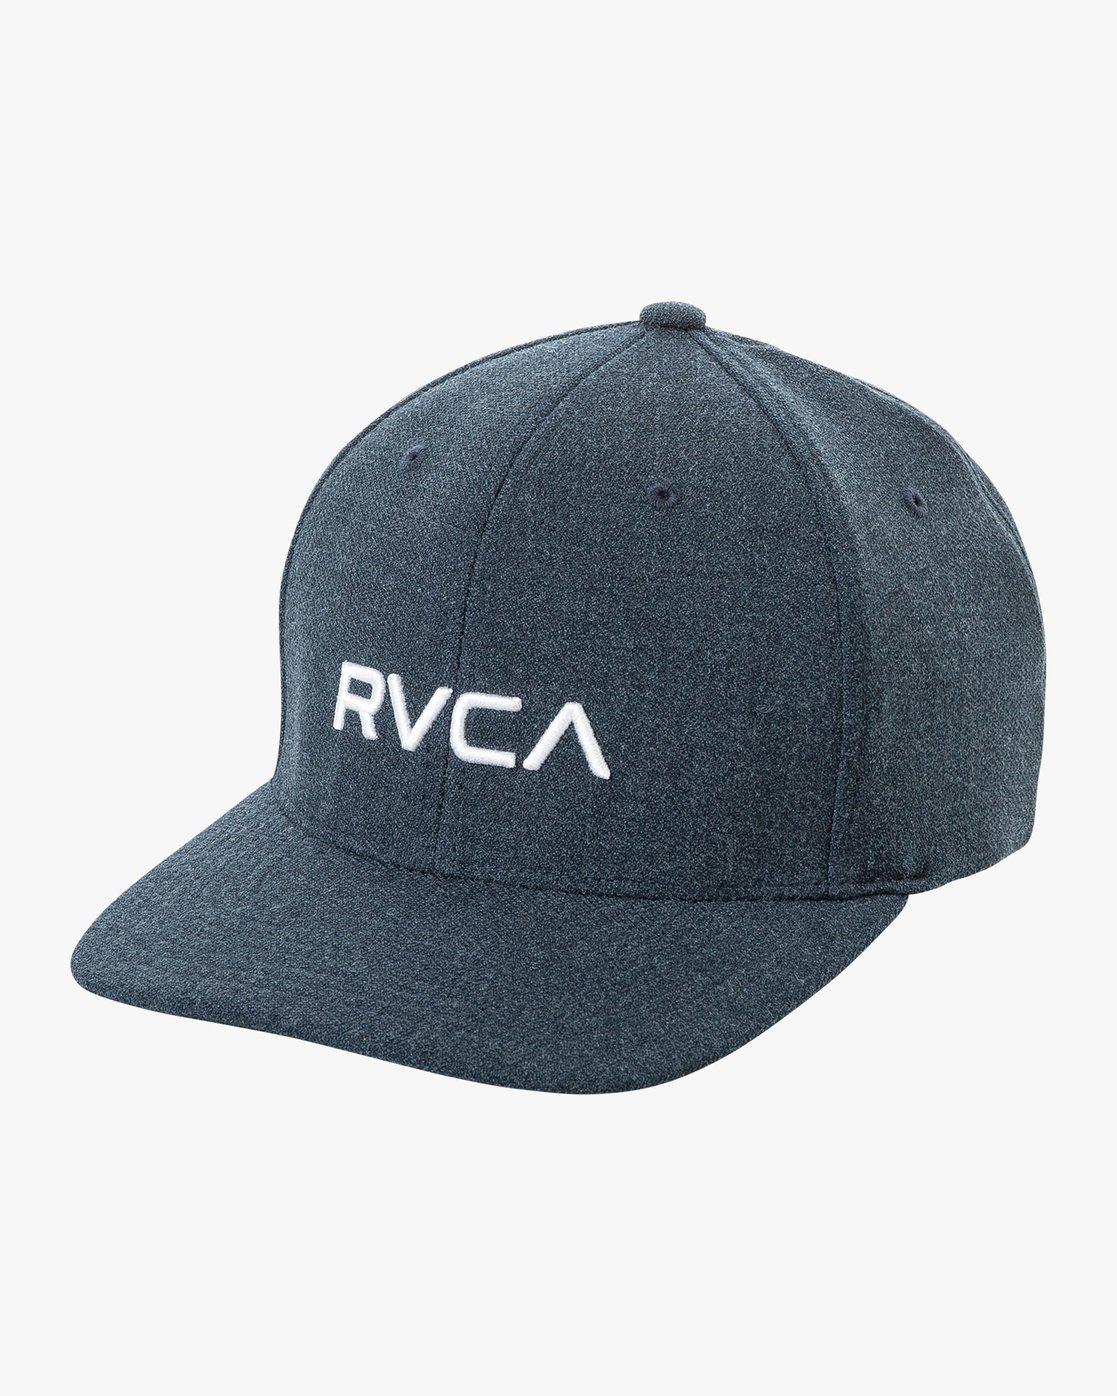 0 Rvca Flex Fit Cap Blue P5CPRIRVS9 RVCA